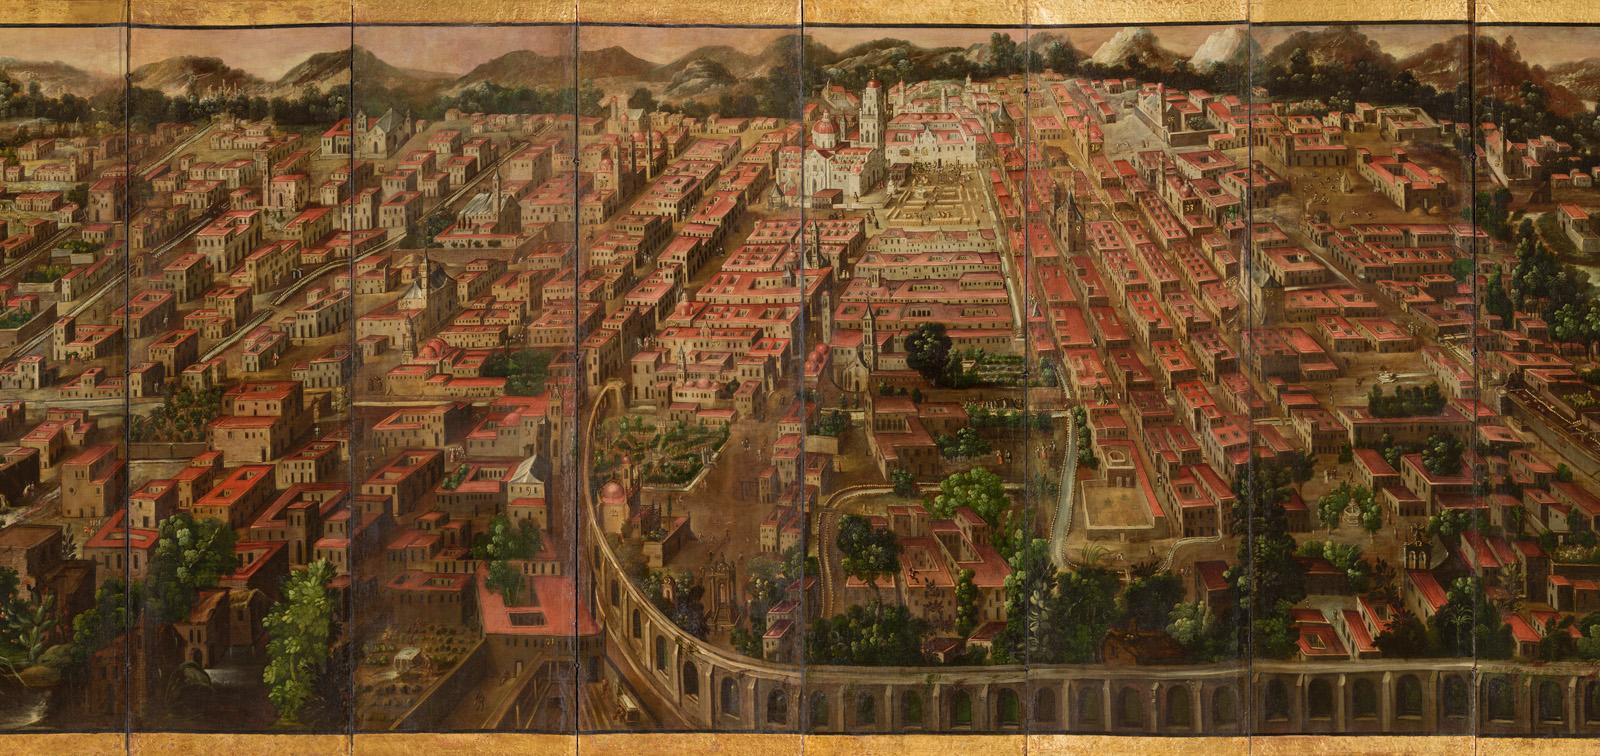 Biombo de la Conquista de México y La muy noble y leal ciudad de México